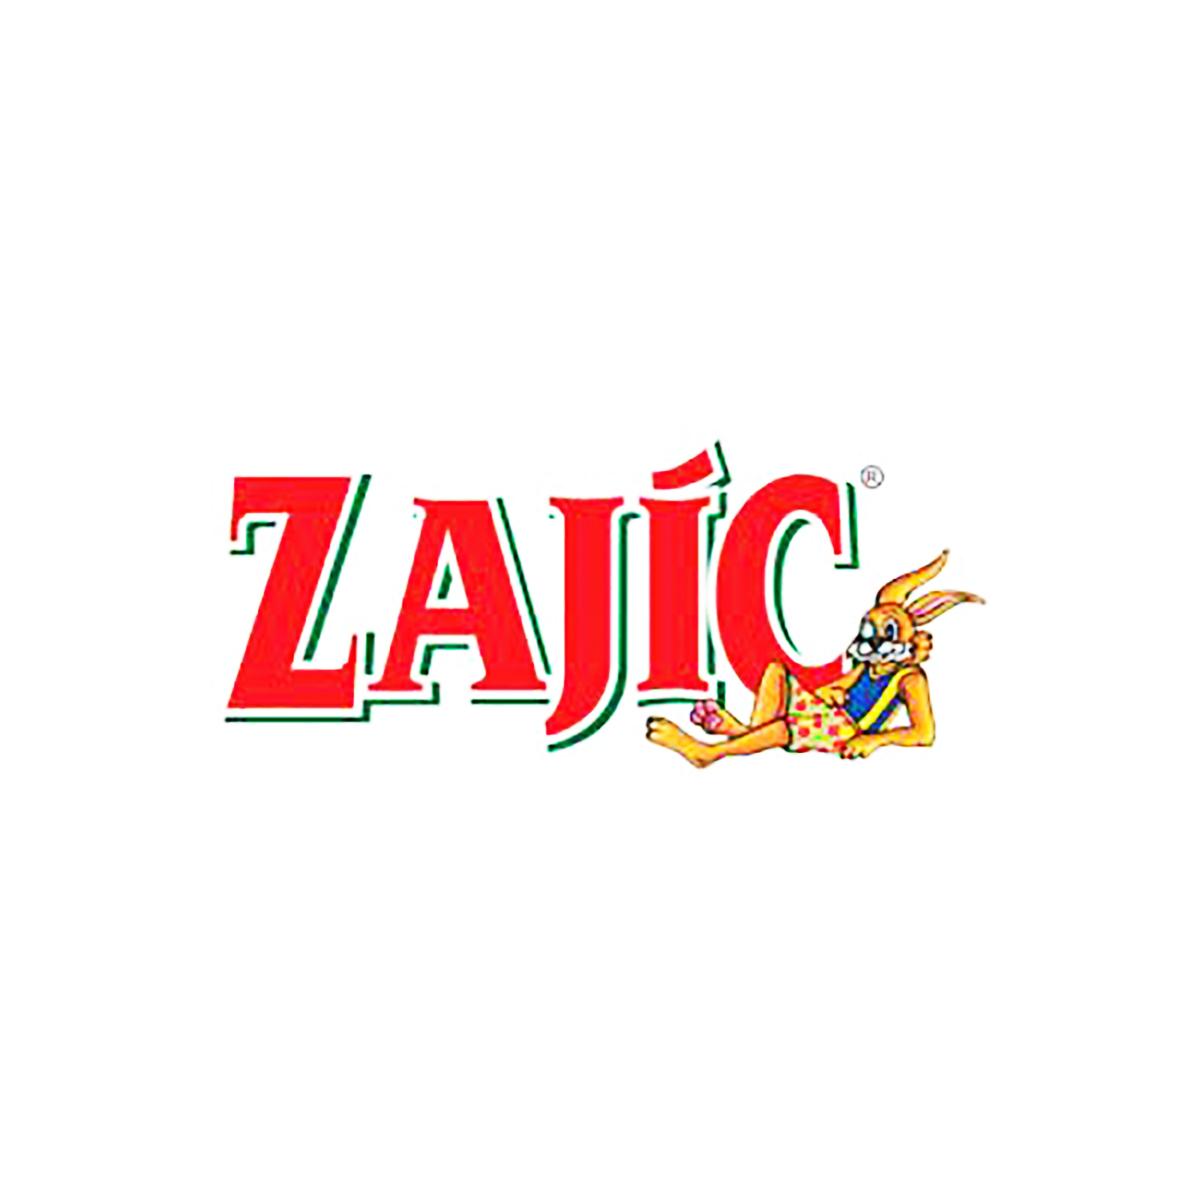 Zajic